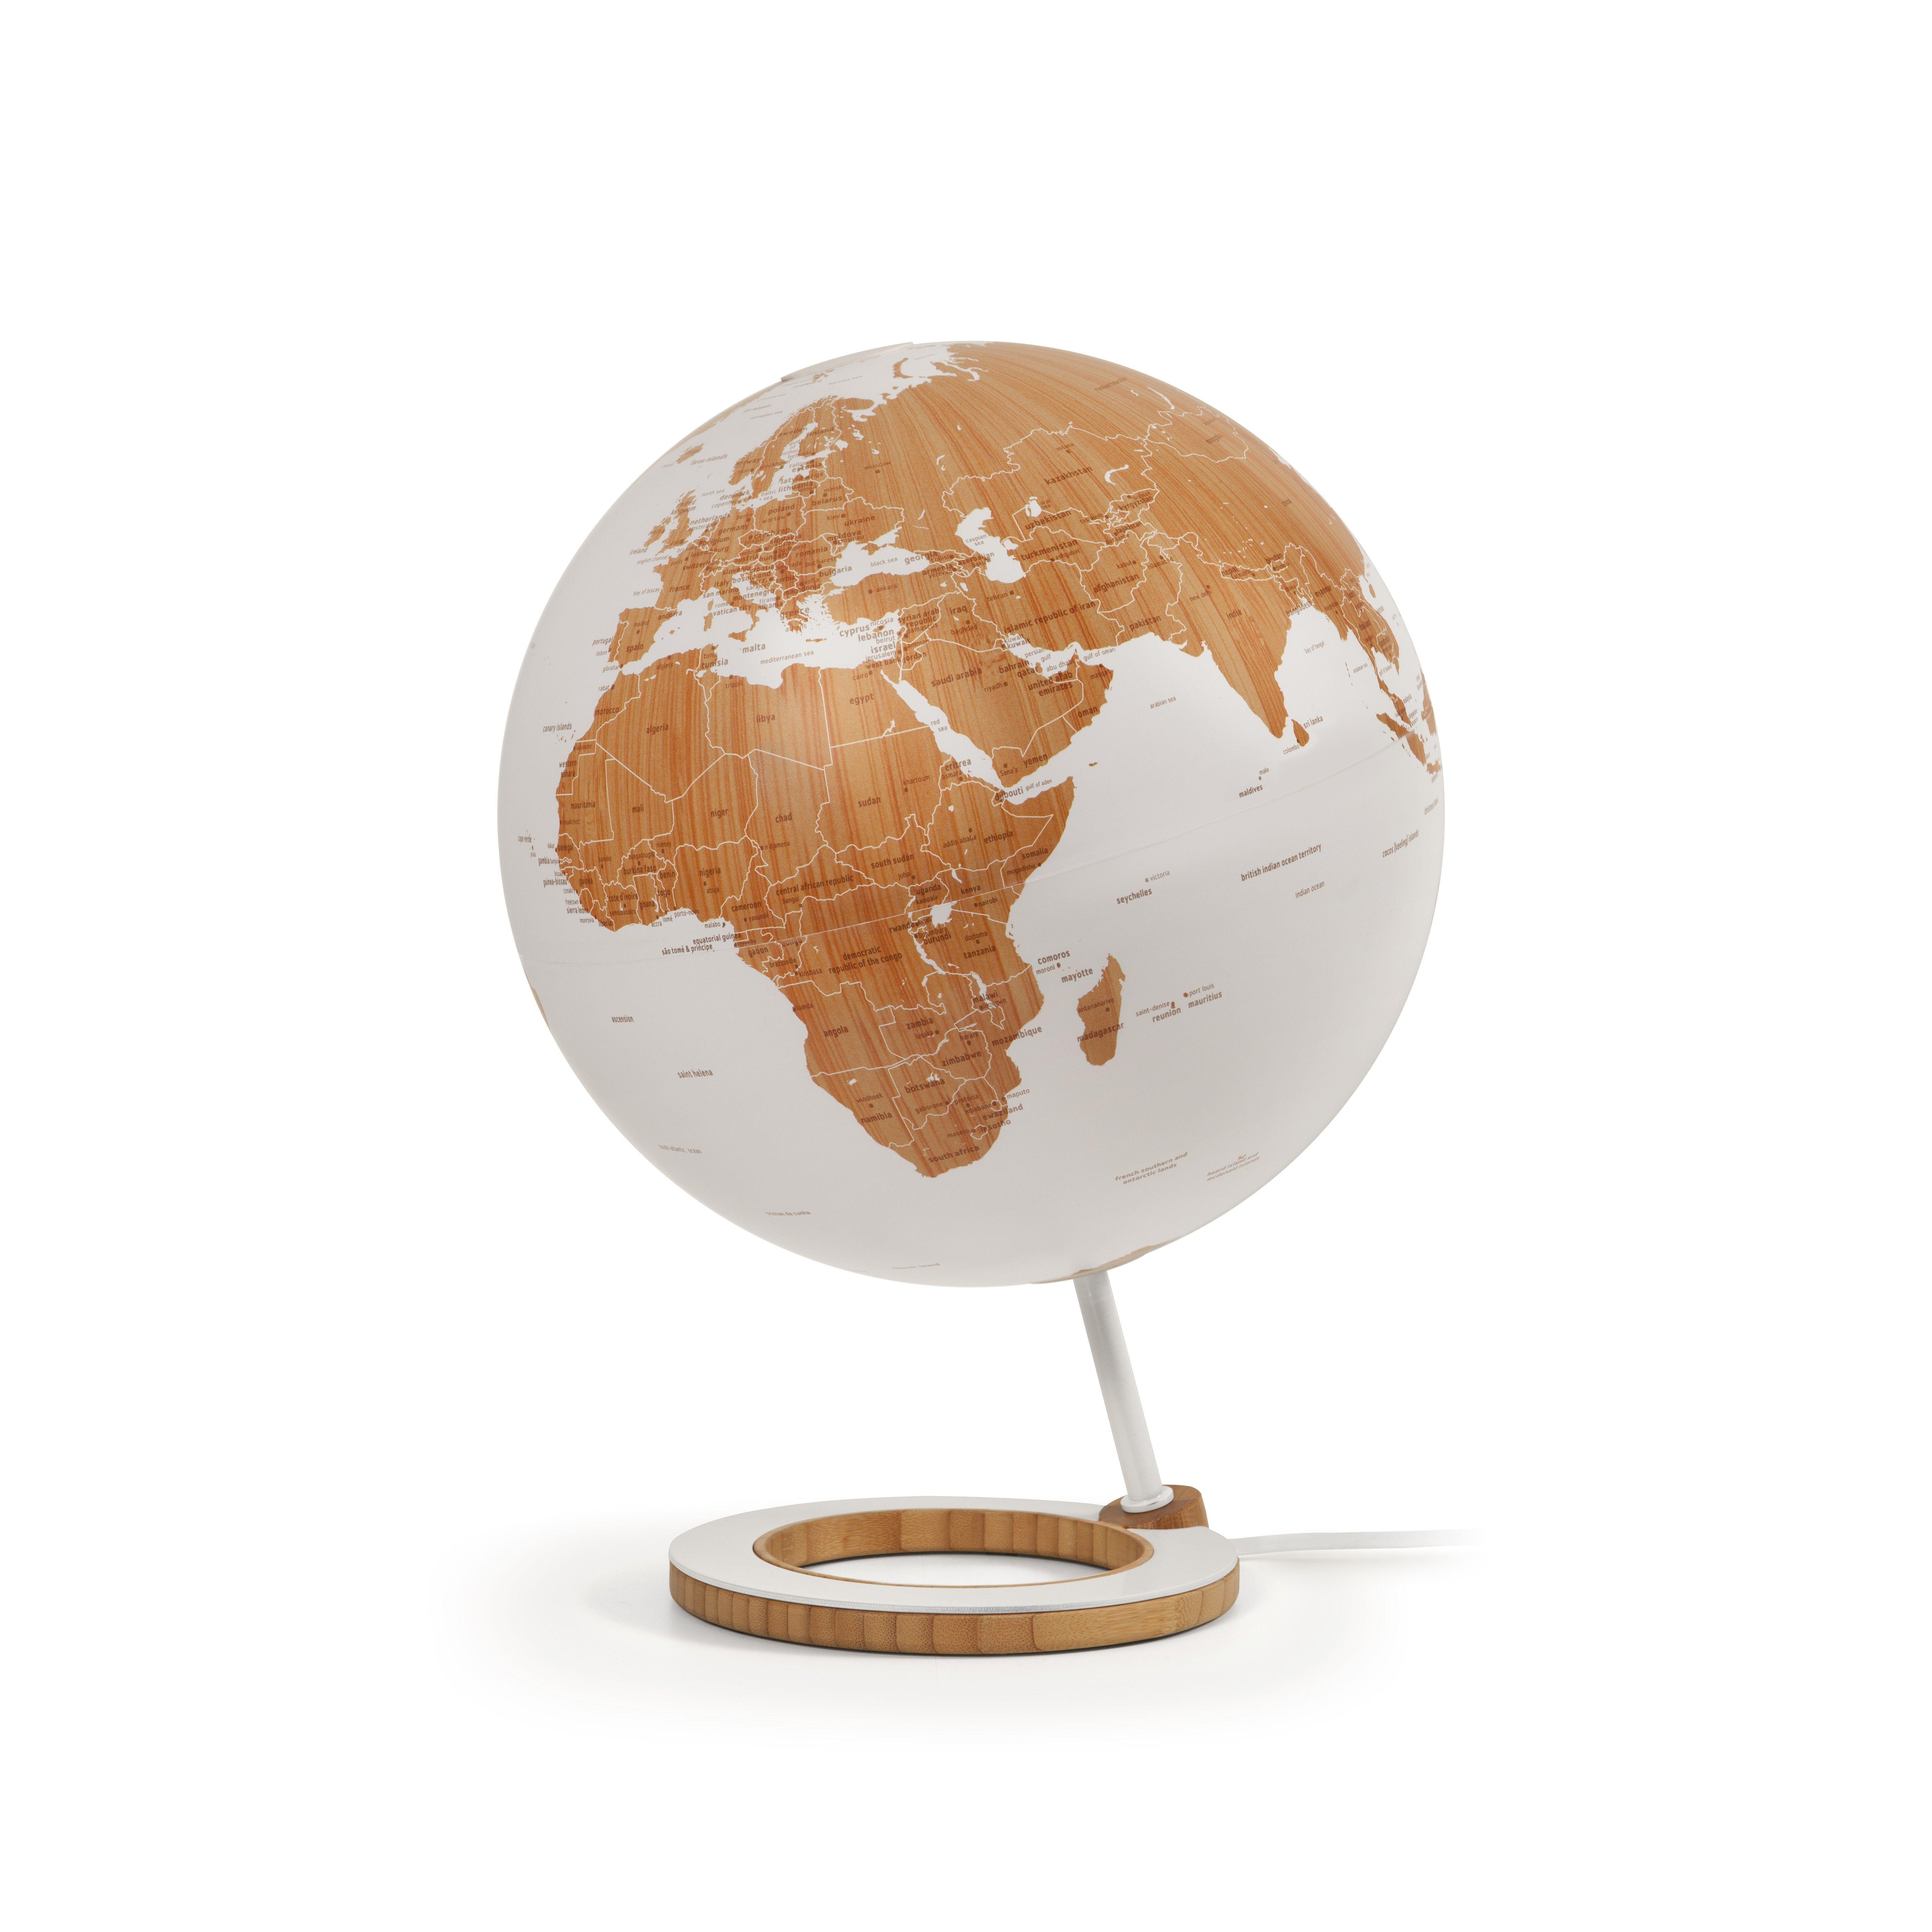 Bamboo Globus Atmosphere New World | Globus | Pinterest | Globus